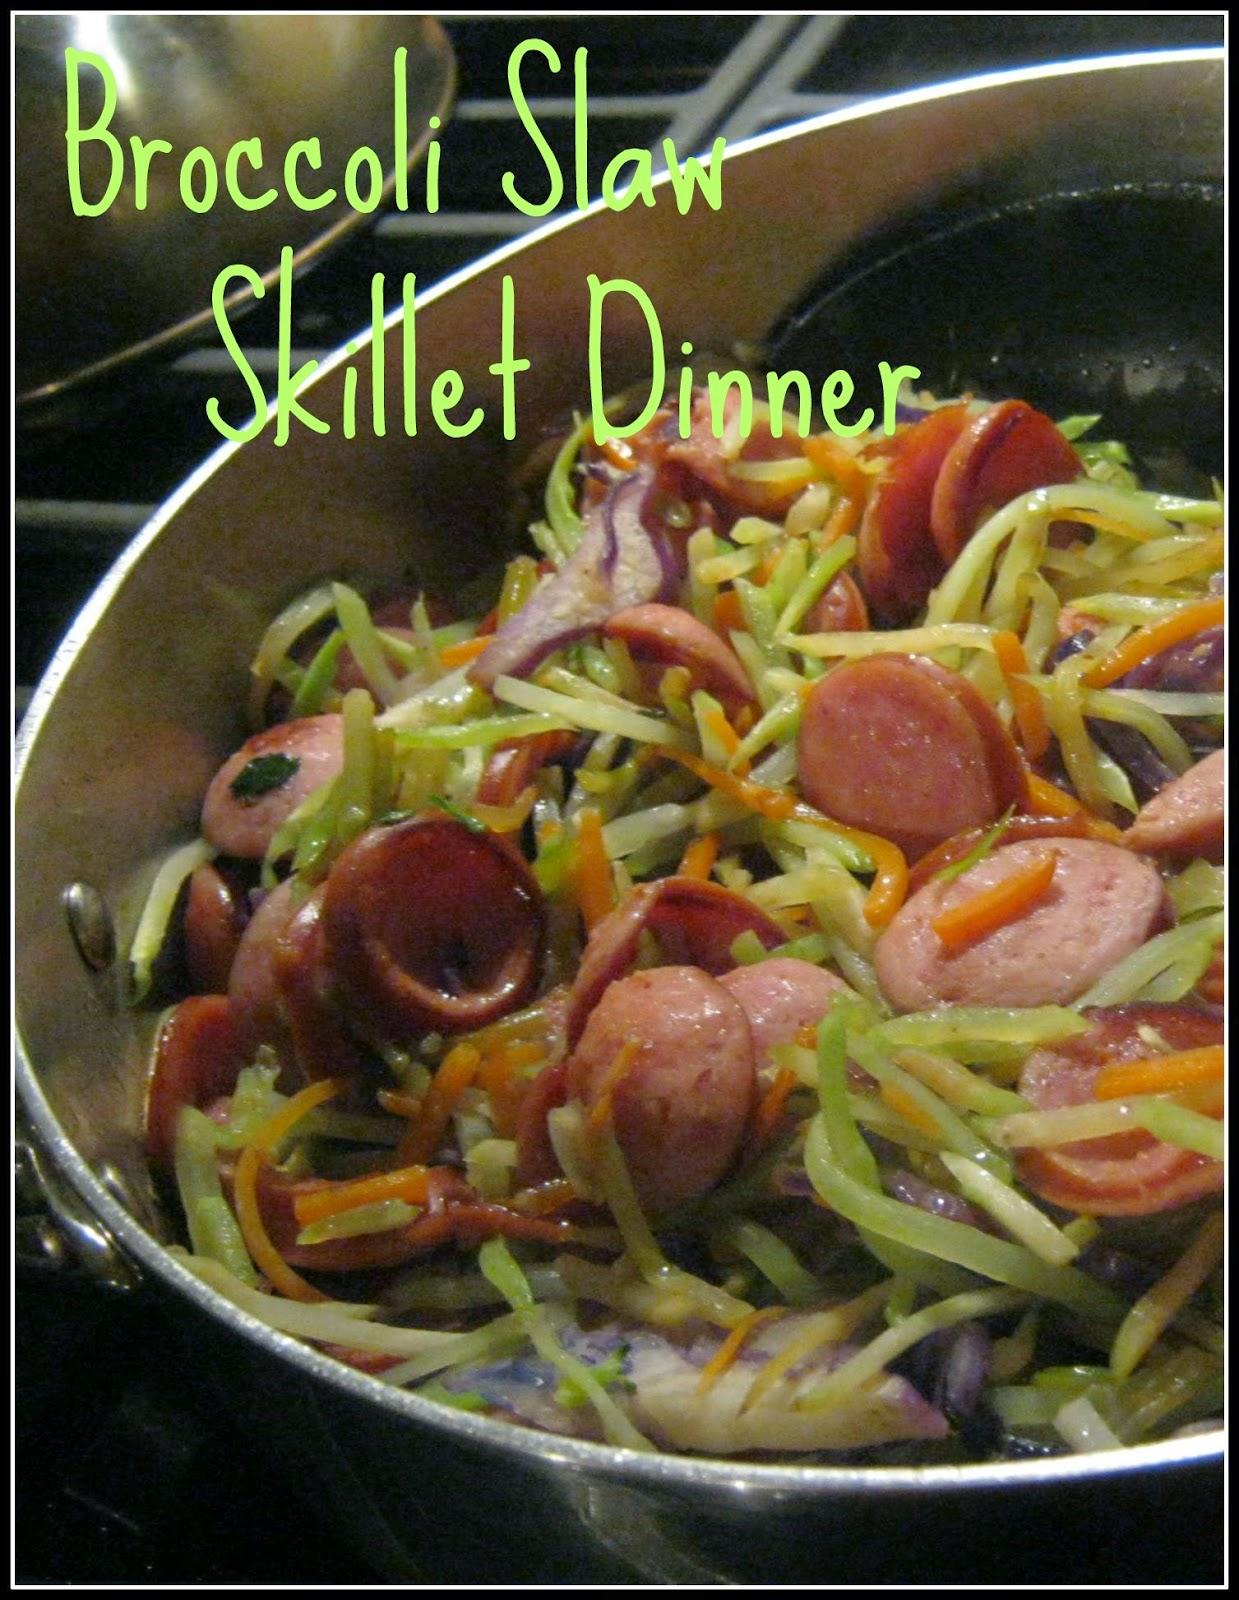 Broccoli Slaw Skillet Dinner Recipe